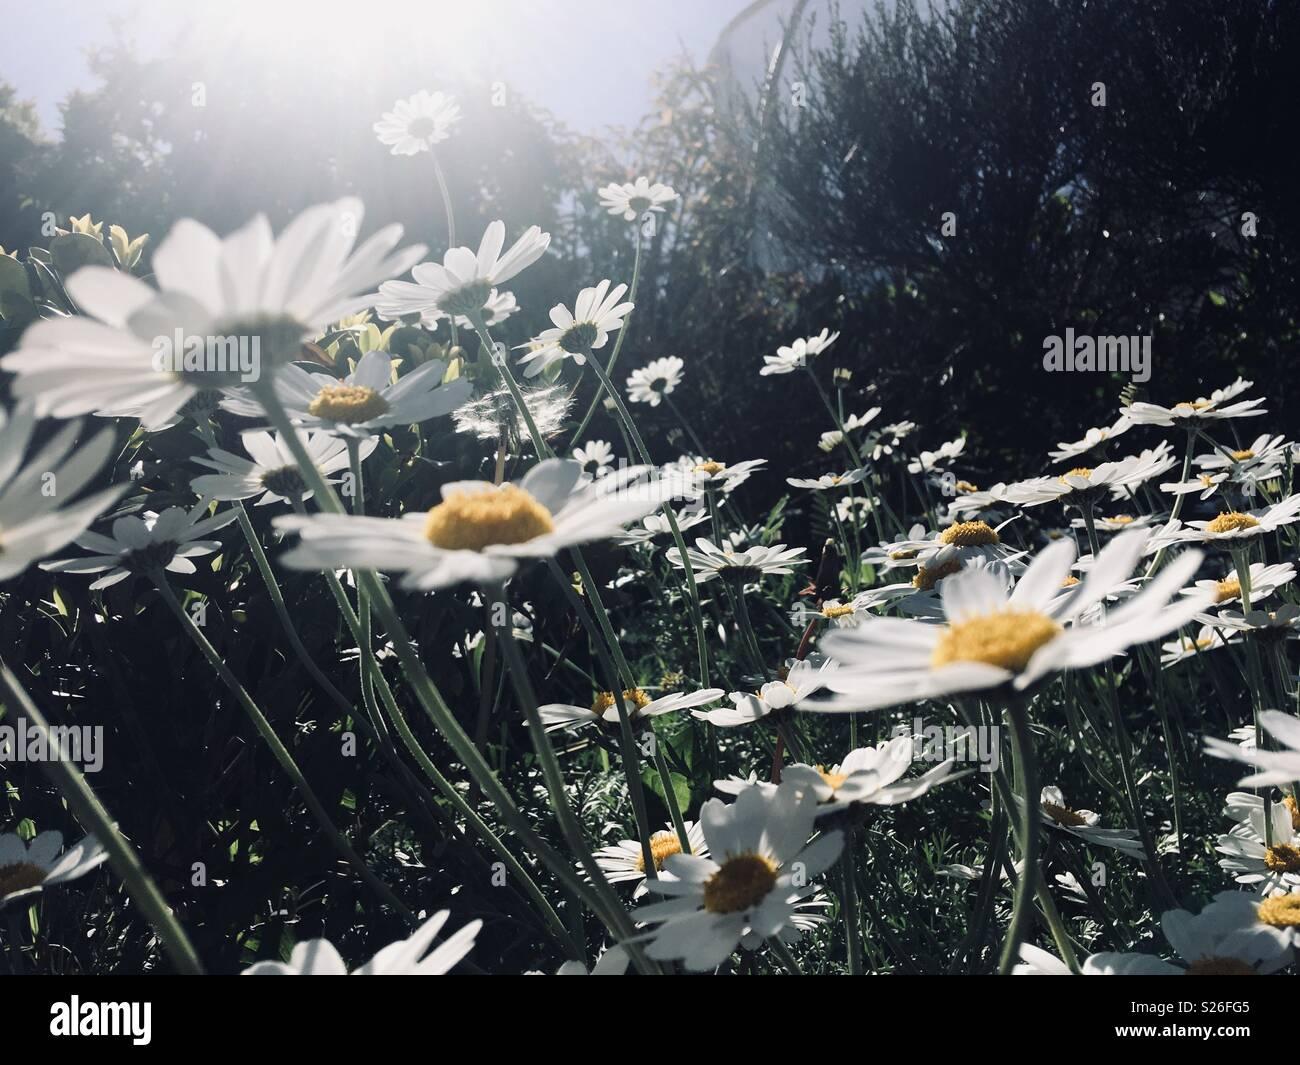 Sunshine& flowers - Stock Image